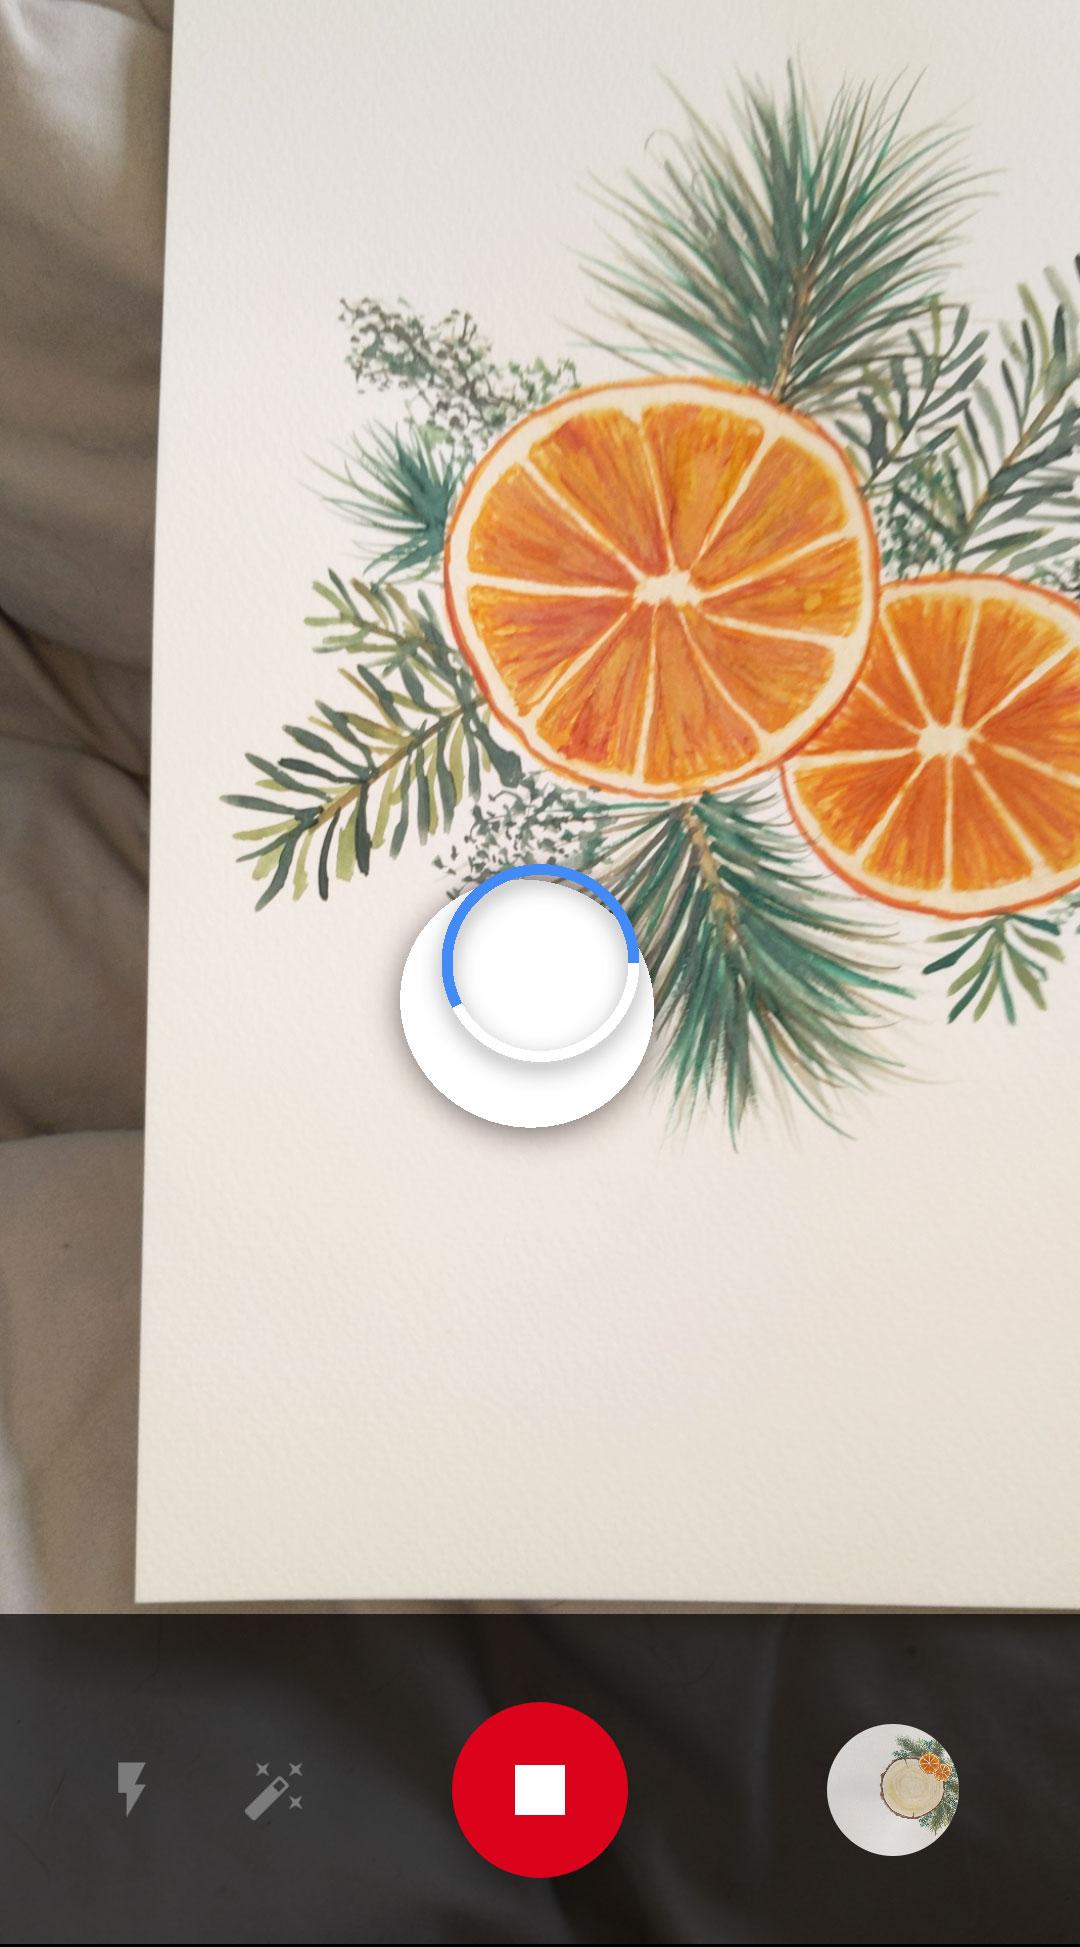 orange slices watercolor photoscan app